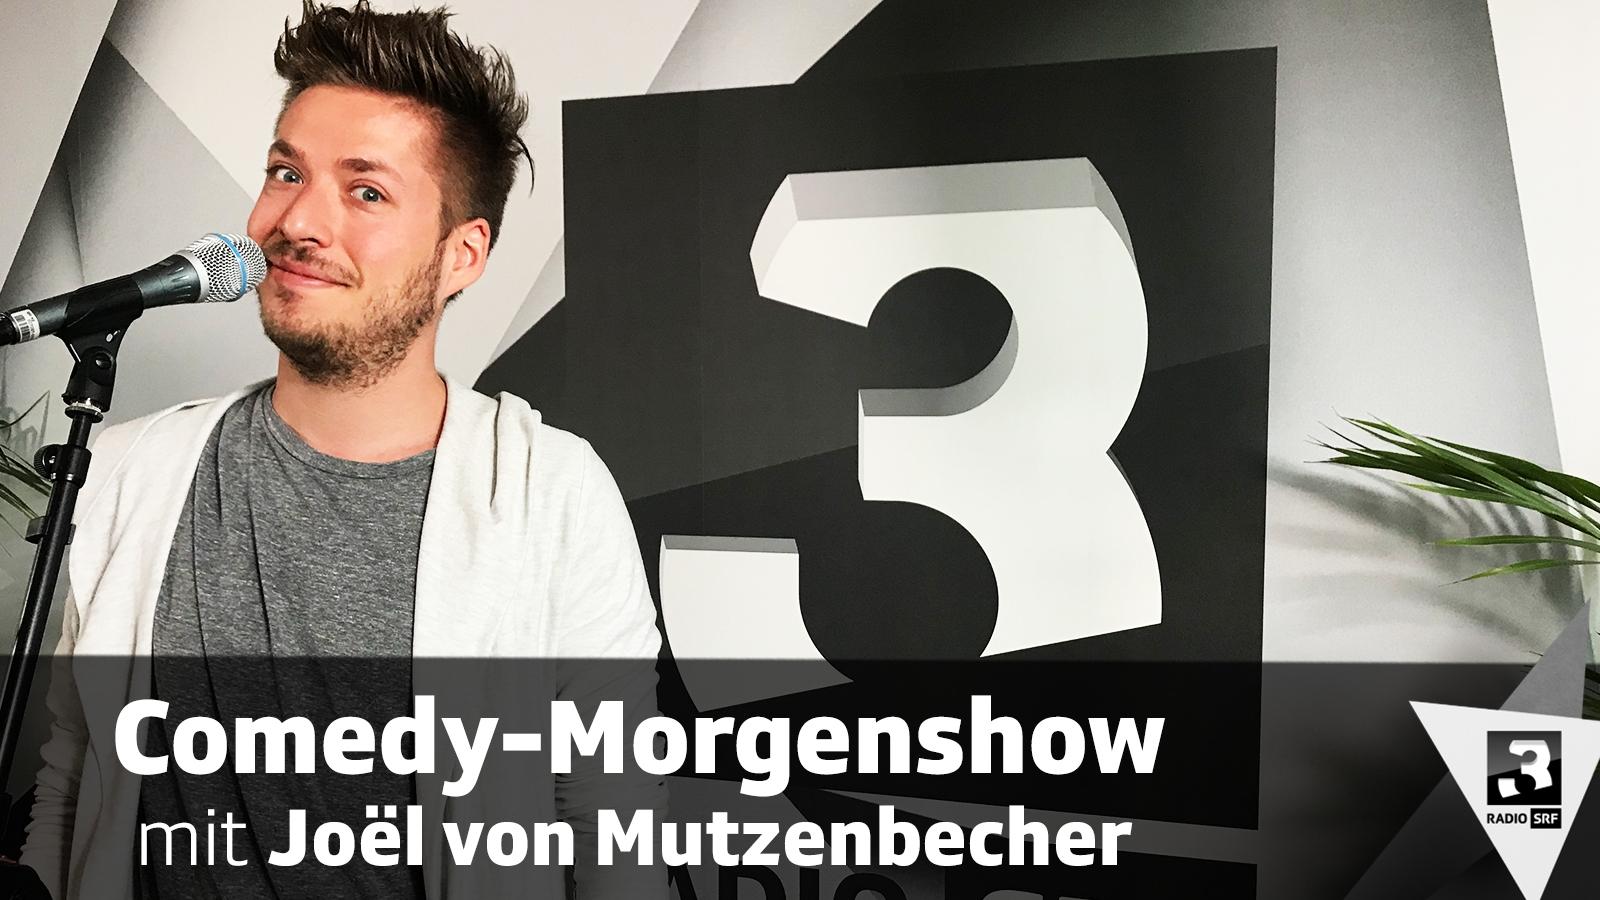 Comedy-Morgenshow mit Joël von Mutzenbecher